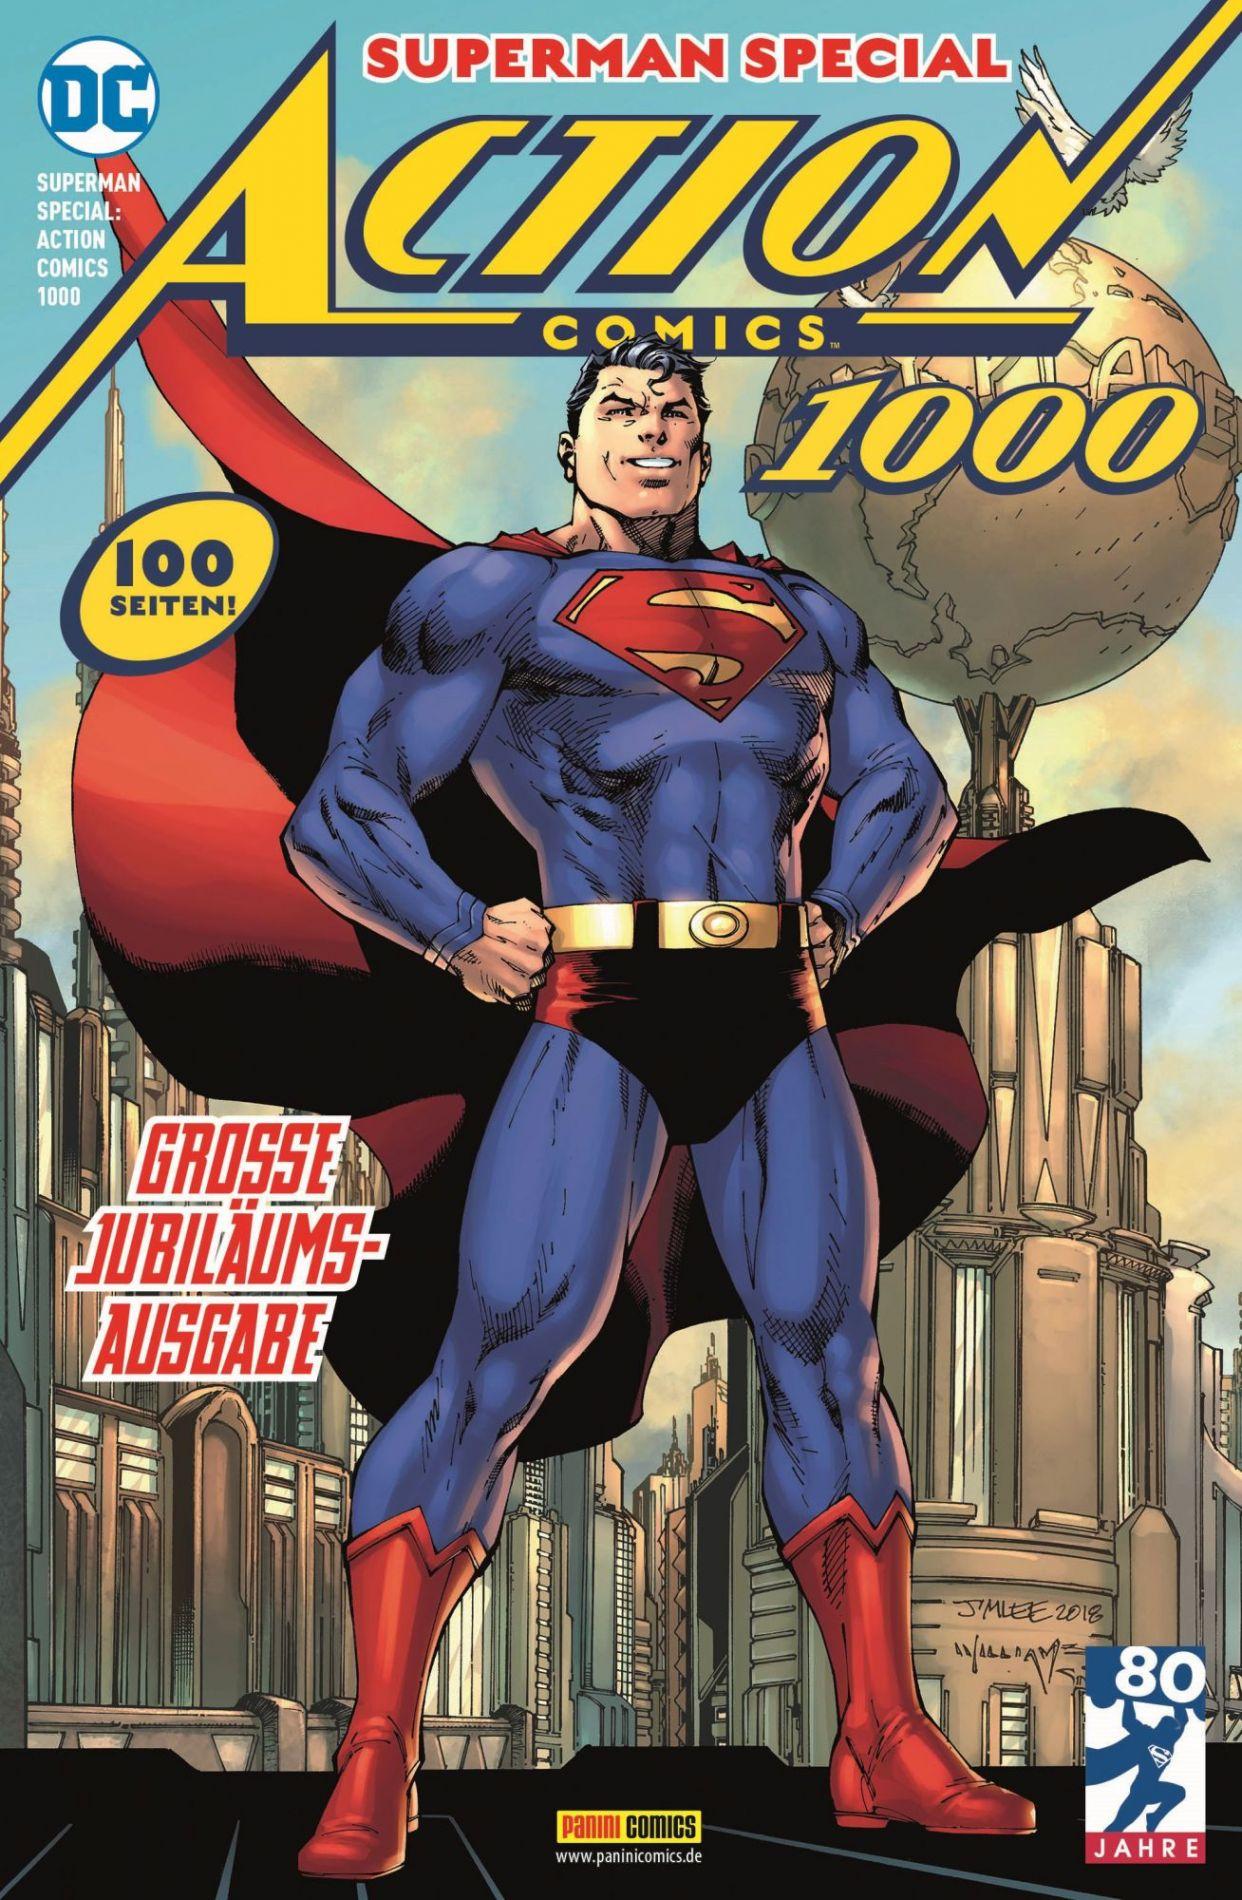 Superman Special: Action Comics 1000